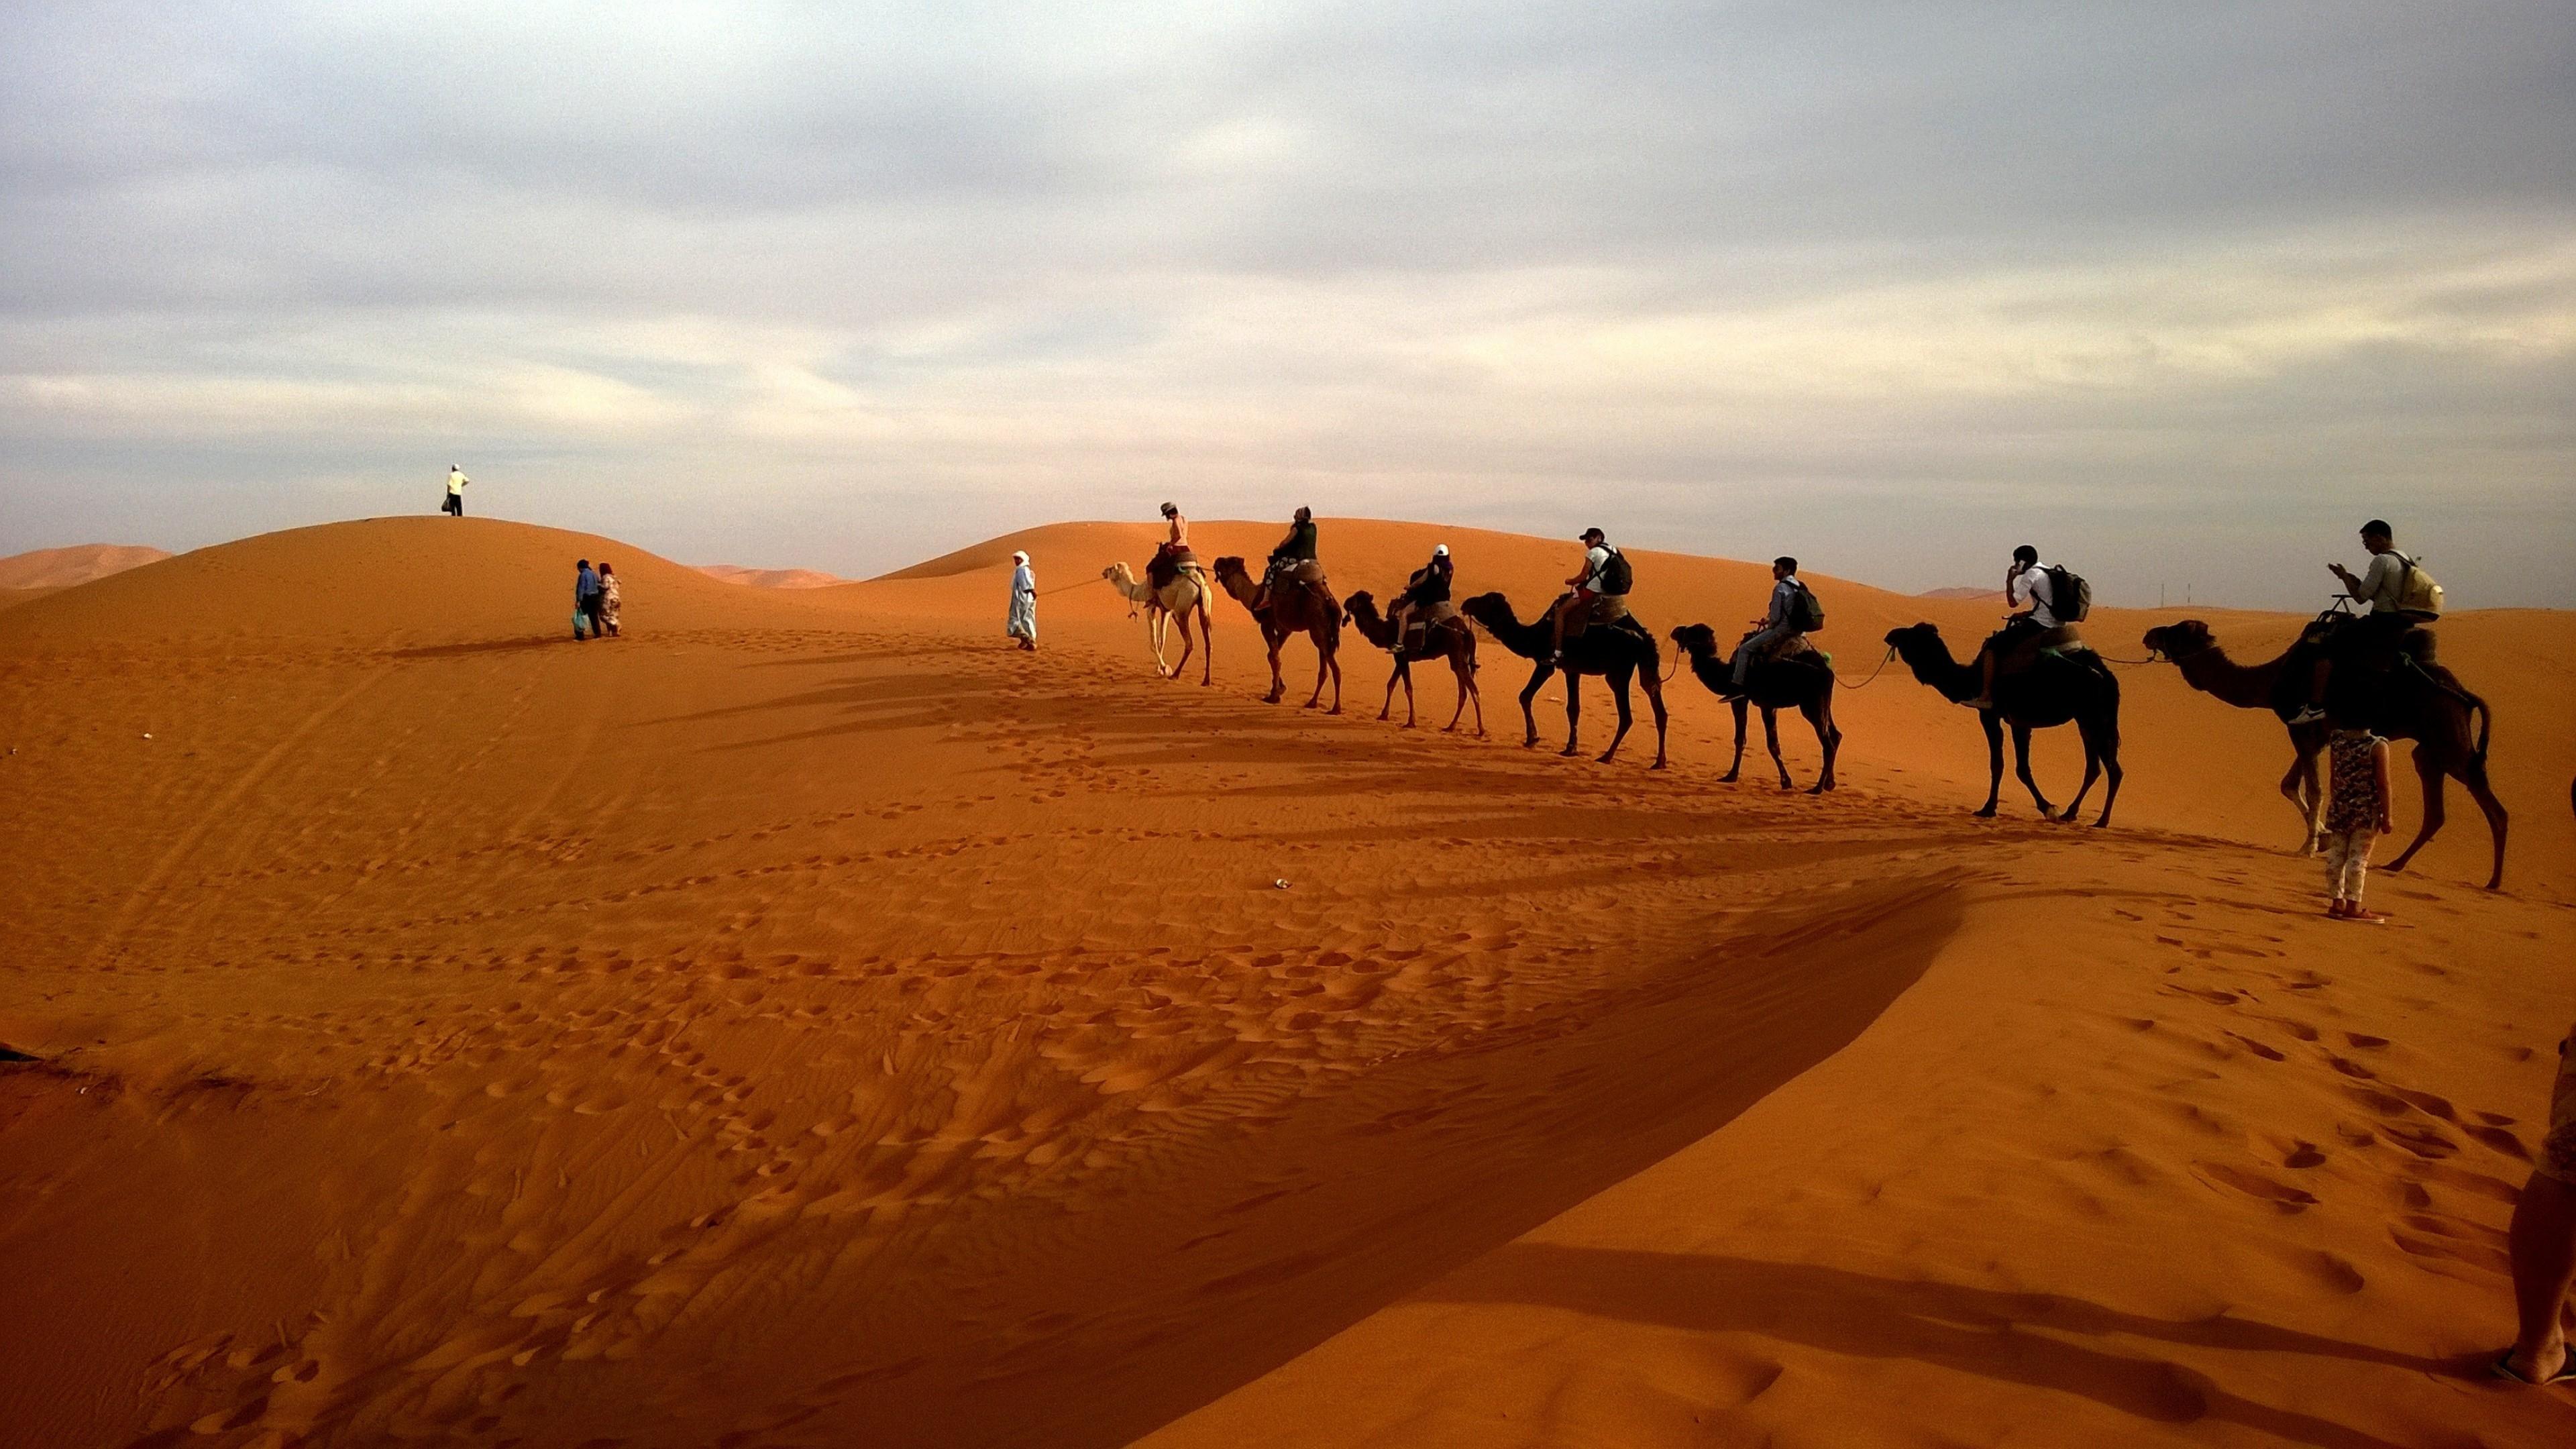 Camels In Caravan Desert, HD Animals, 4k Wallpapers ...